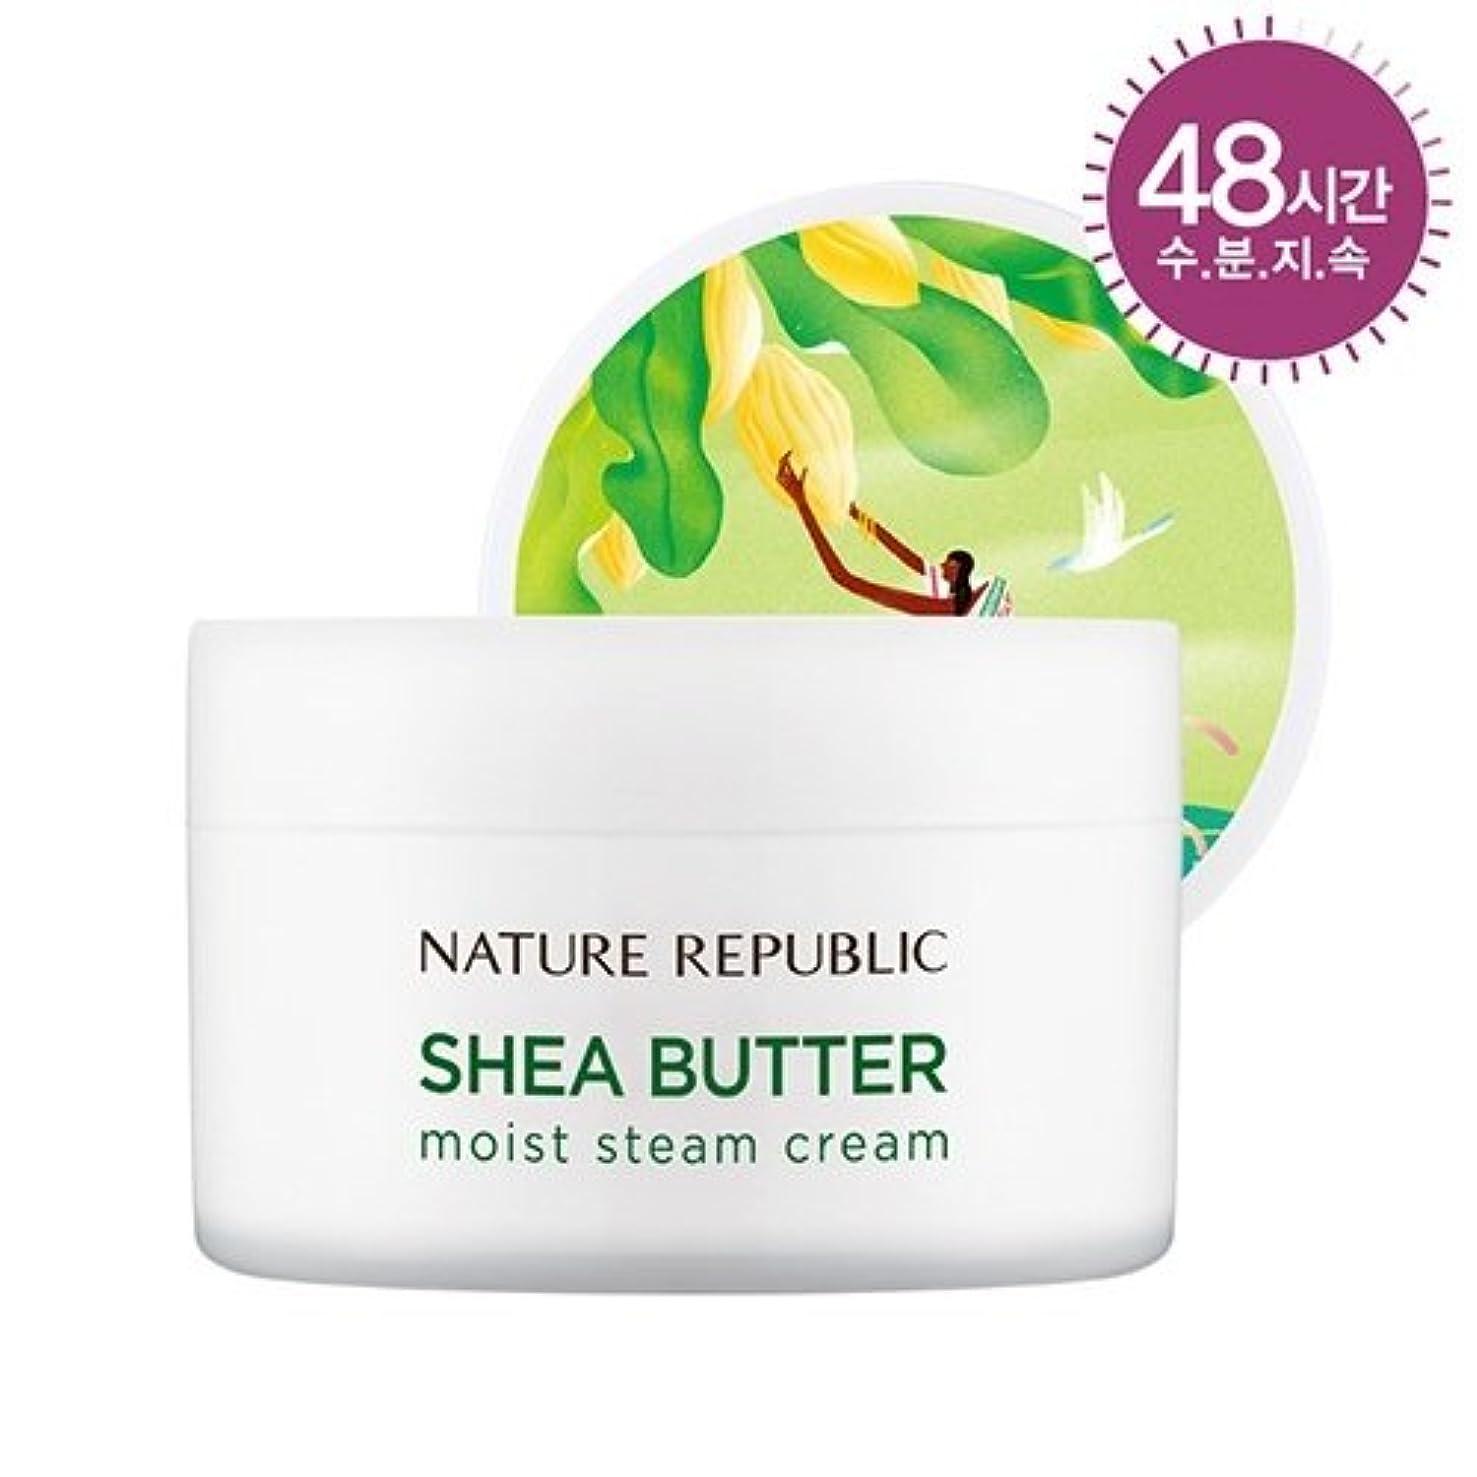 有利元の開示するNATURE REPUBLIC(ネイチャーリパブリック) SHEA BUTTER STEAM CREAM シアバター スチーム クリーム #モイスト乾燥肌